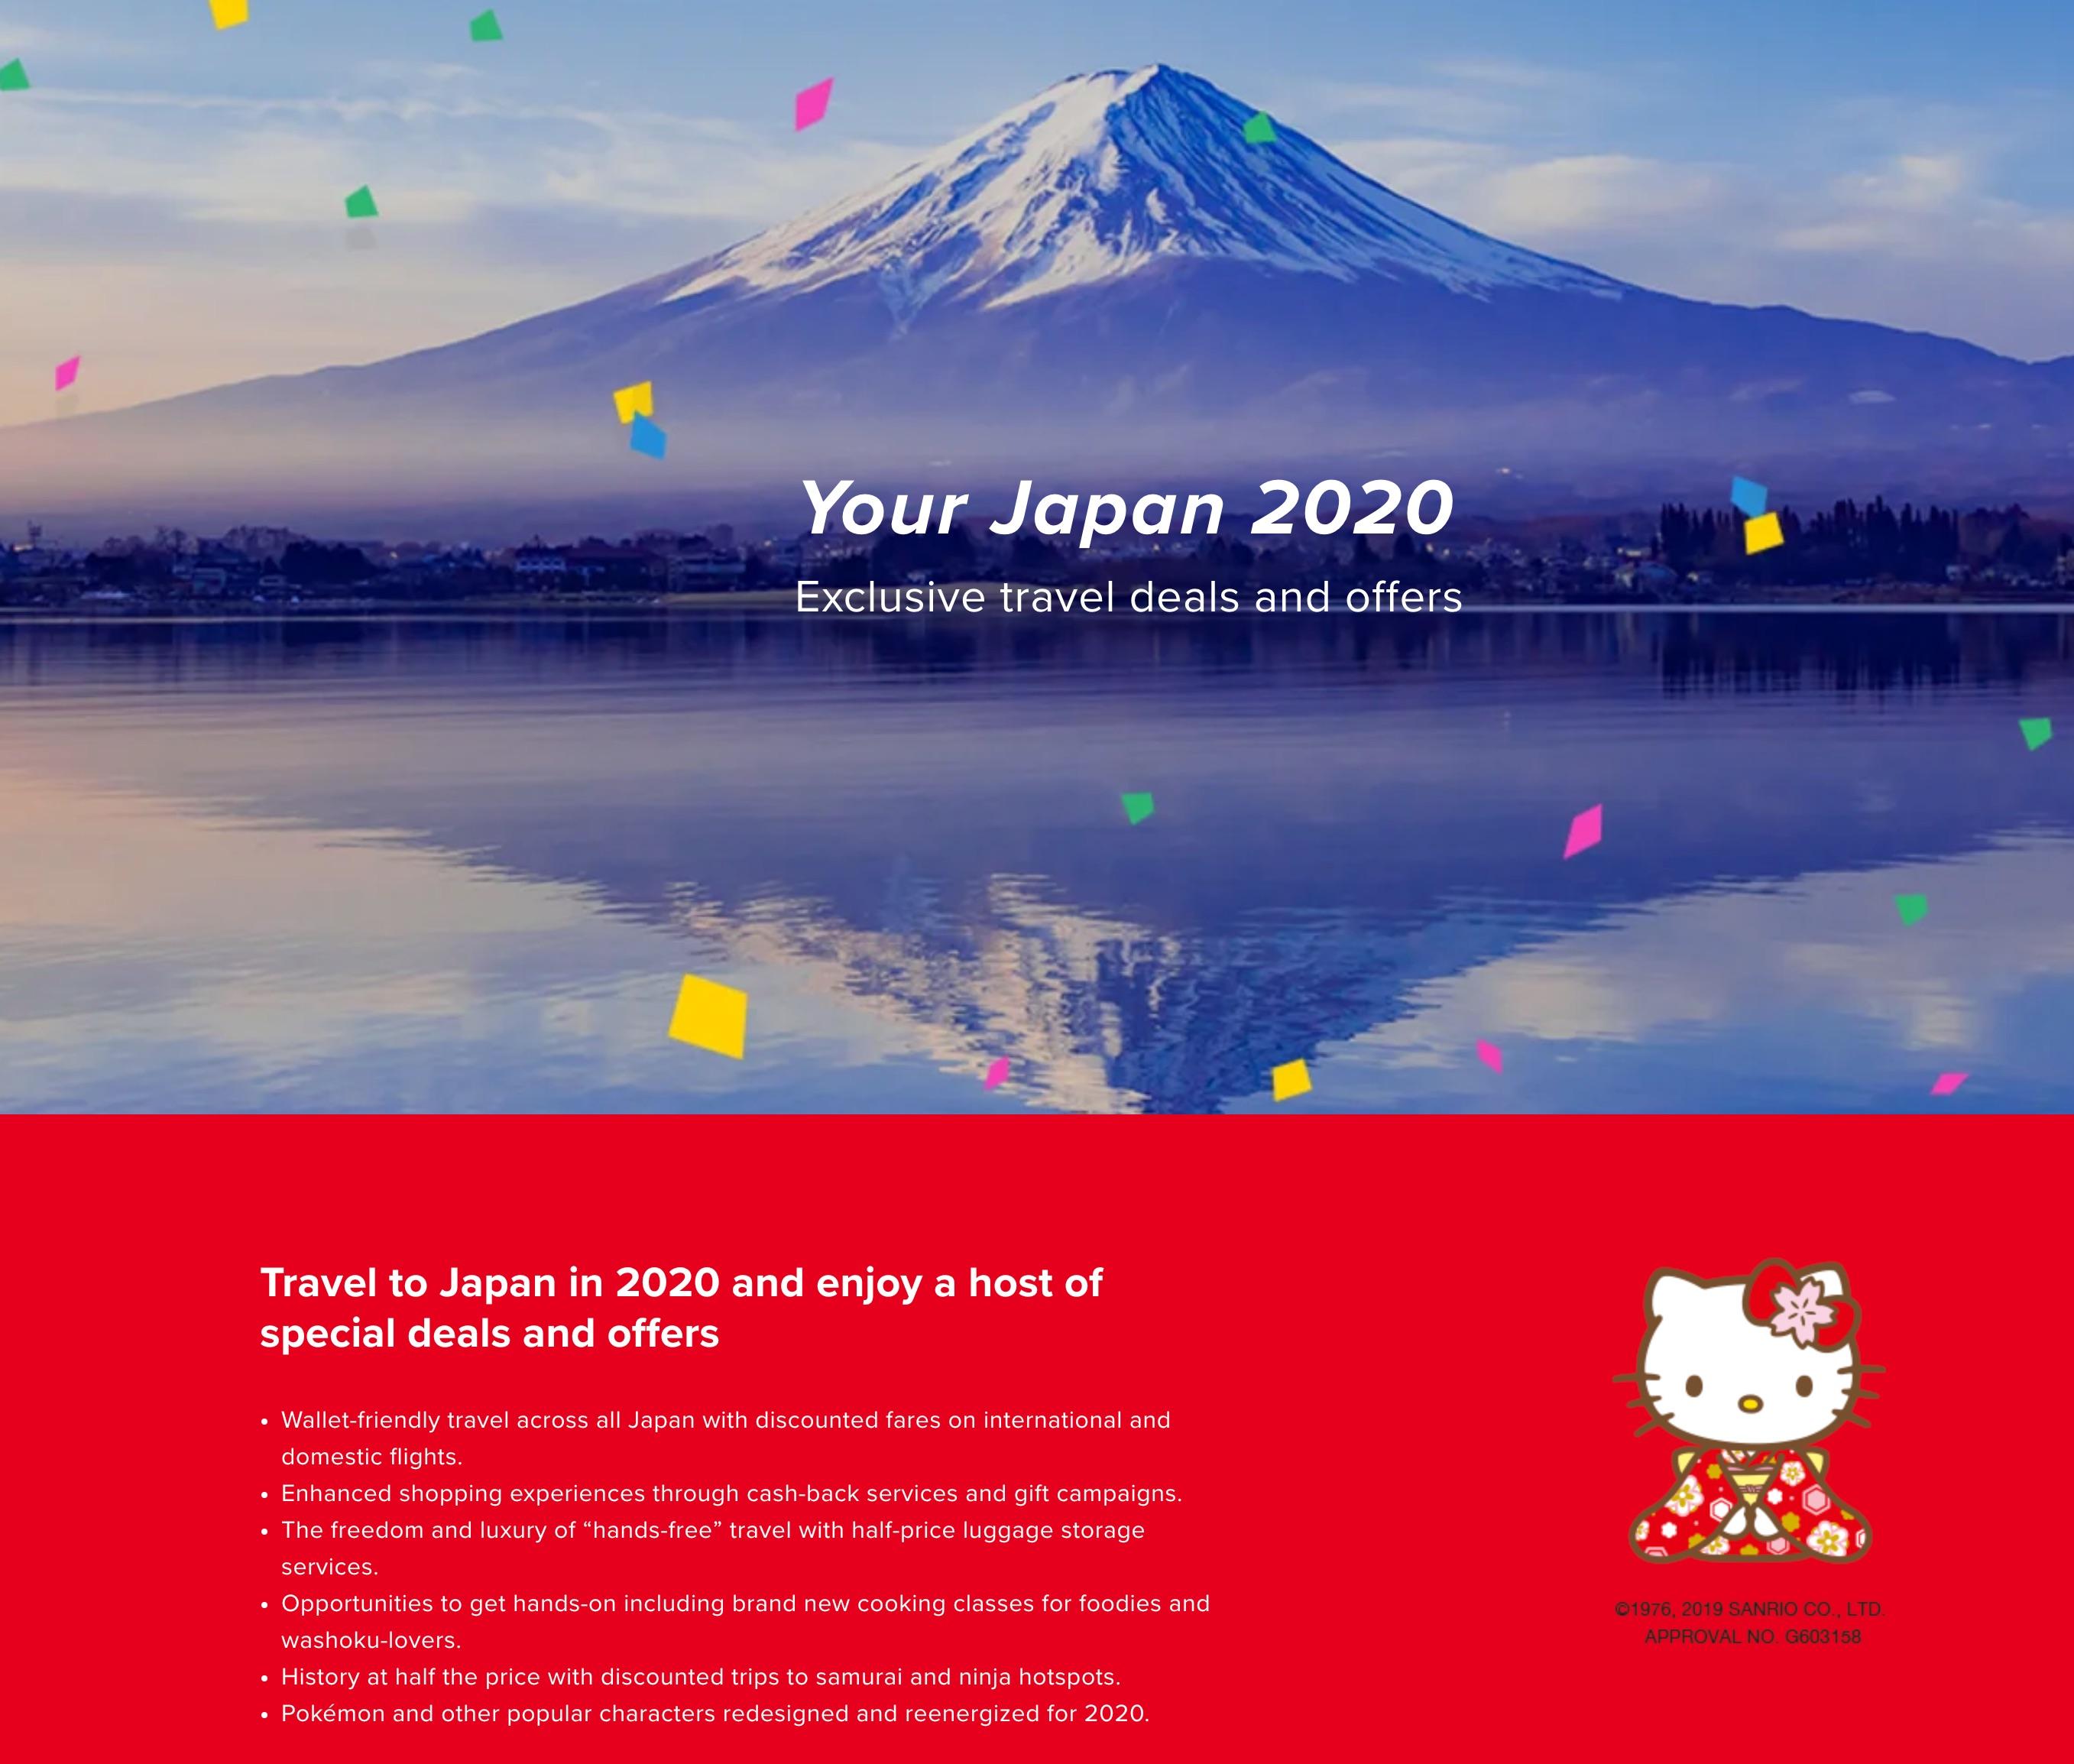 日本政府観光局、2020年限定の訪日キャンペーン発表、コンテンツ磨き上げで地域と連携強化